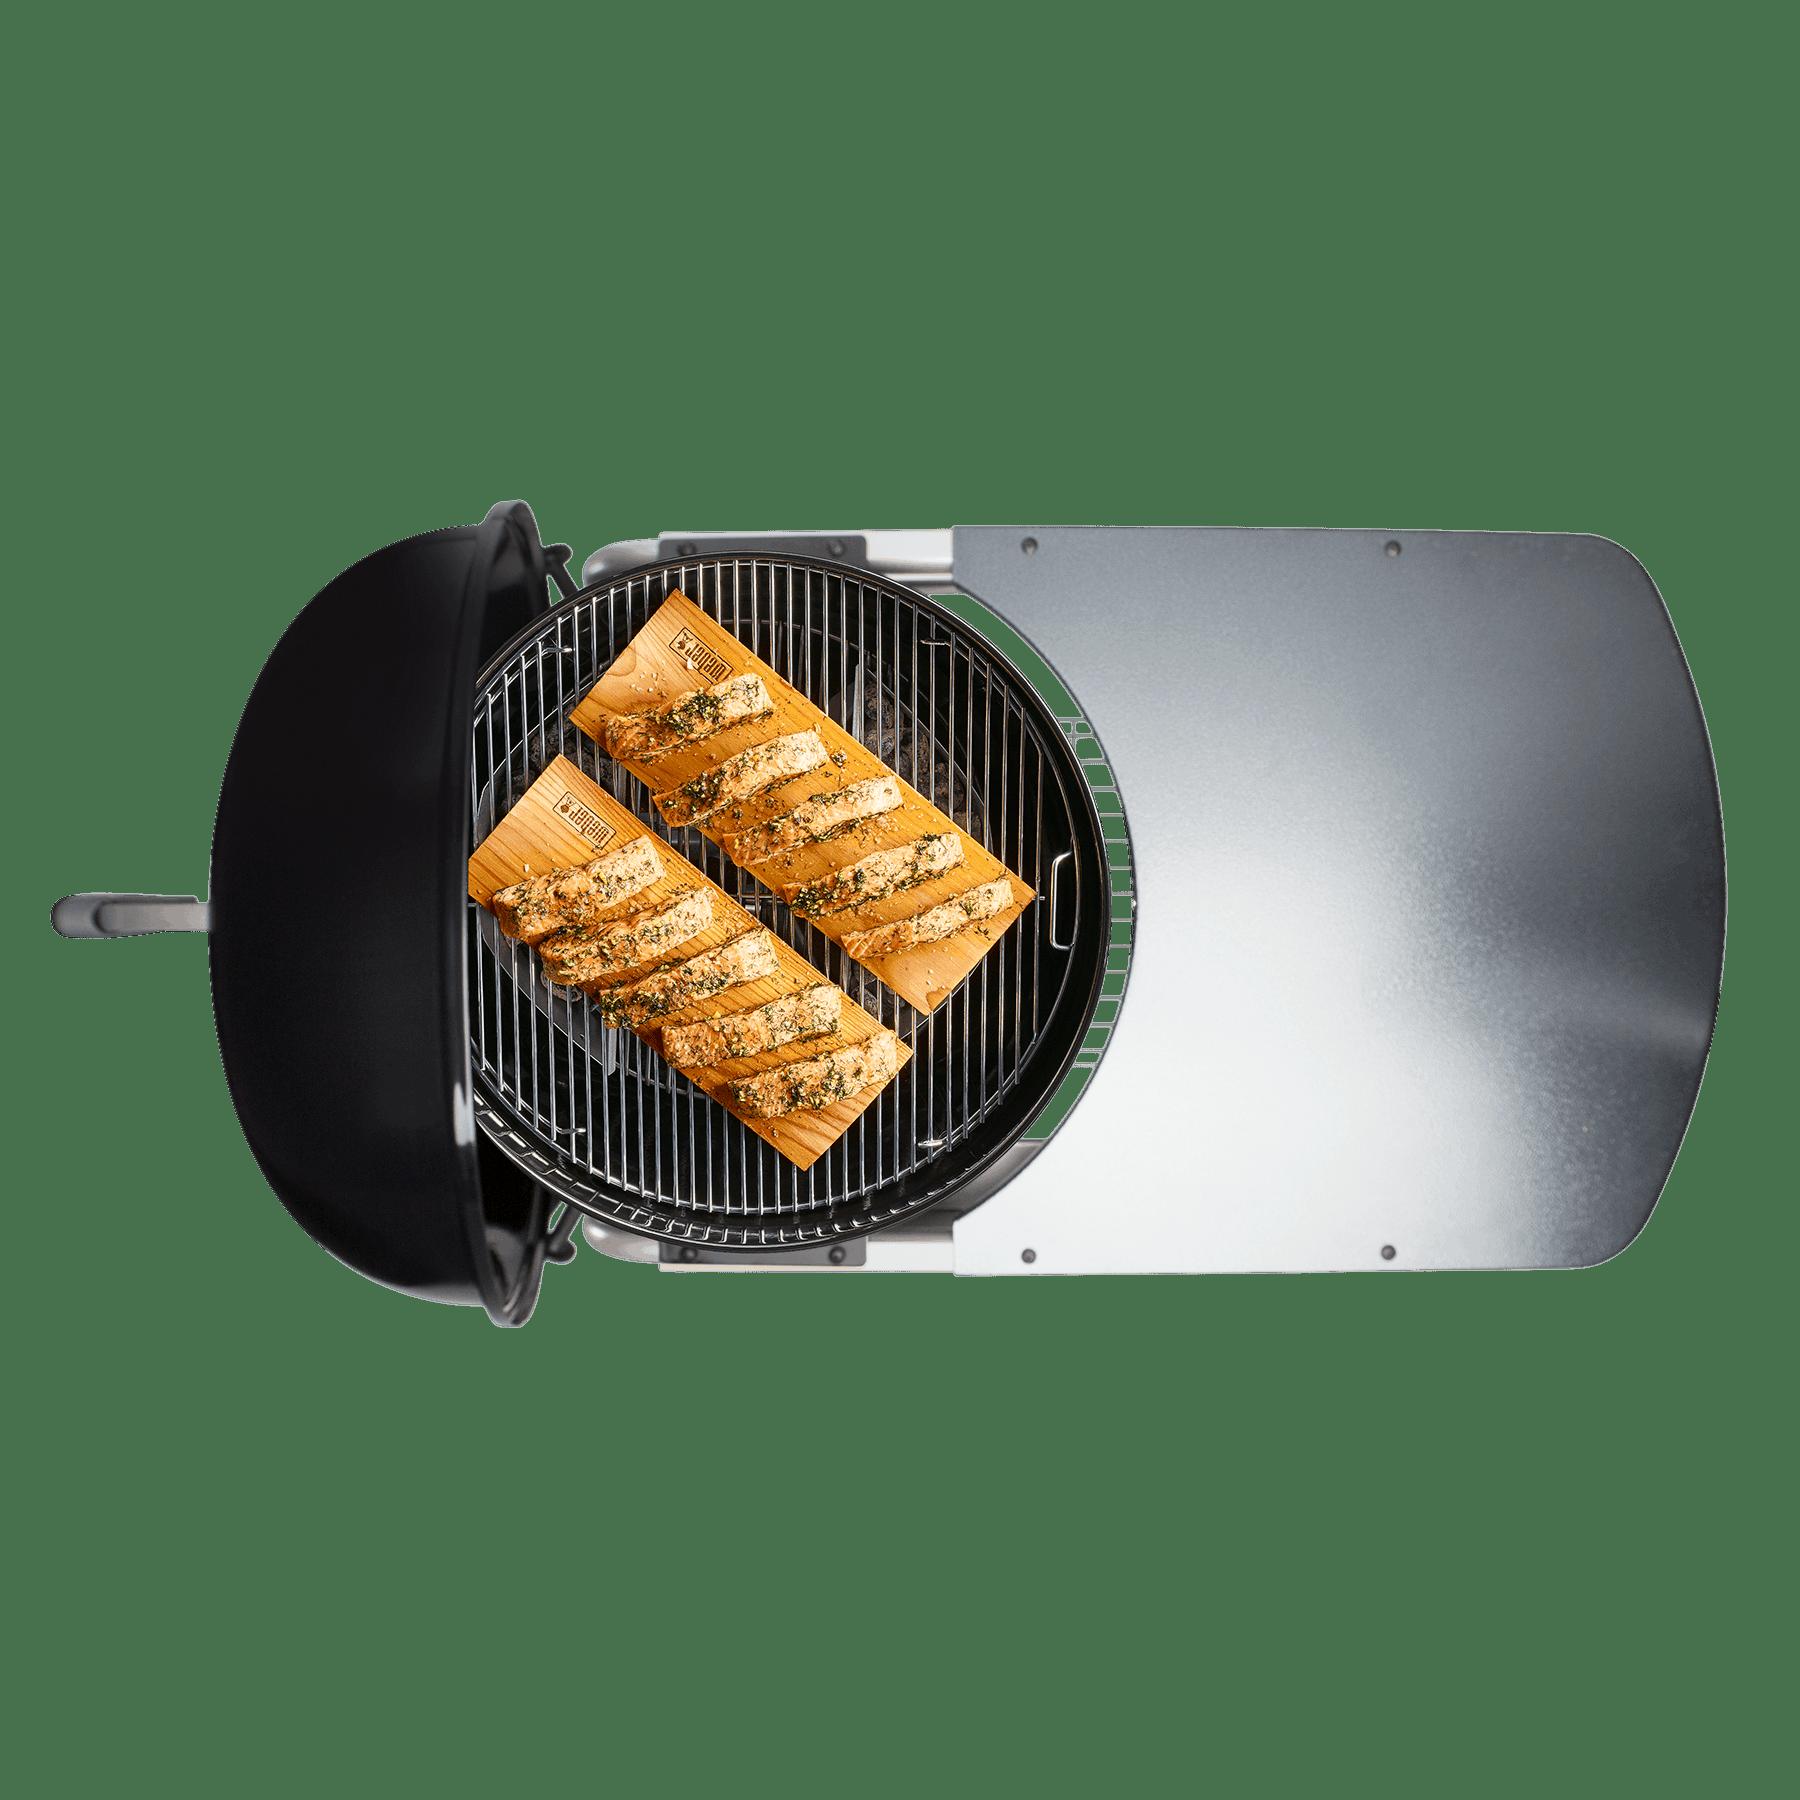 Performer Premium GBS Houtskoolbarbecue Ø 57 cm